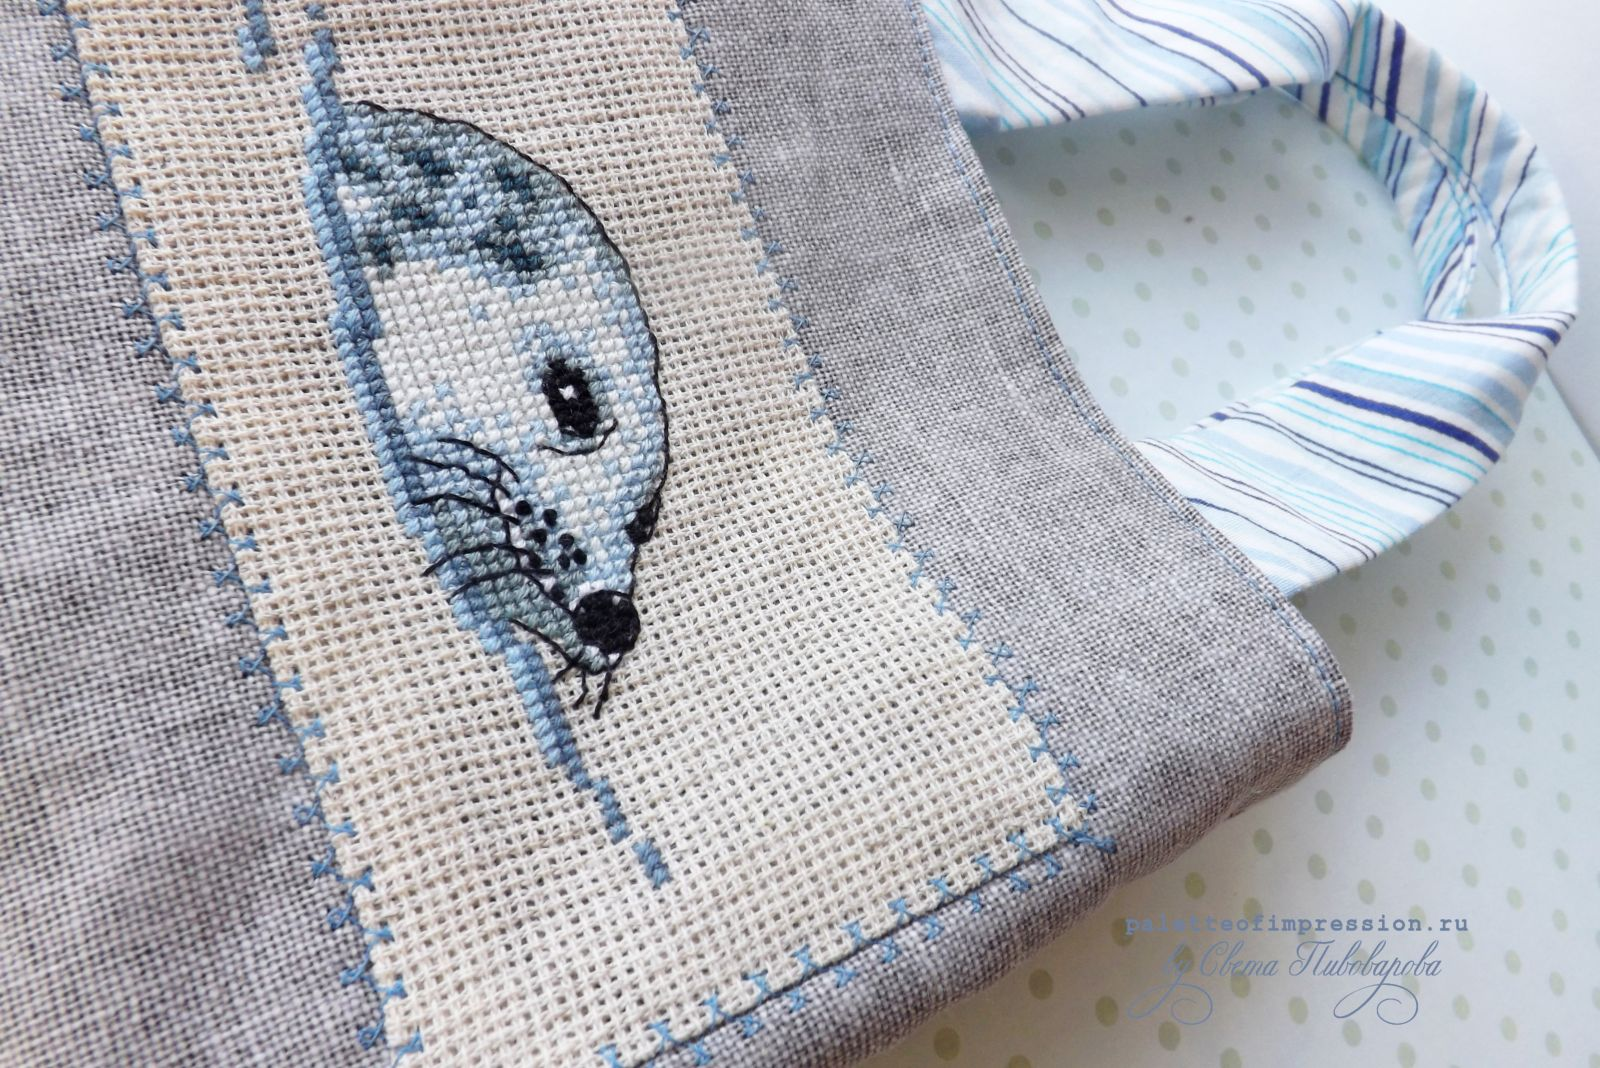 Детская сумочка с вышивкой. Морской котик, или тюлень. Rico design. Блог Вся палитра впечатлений